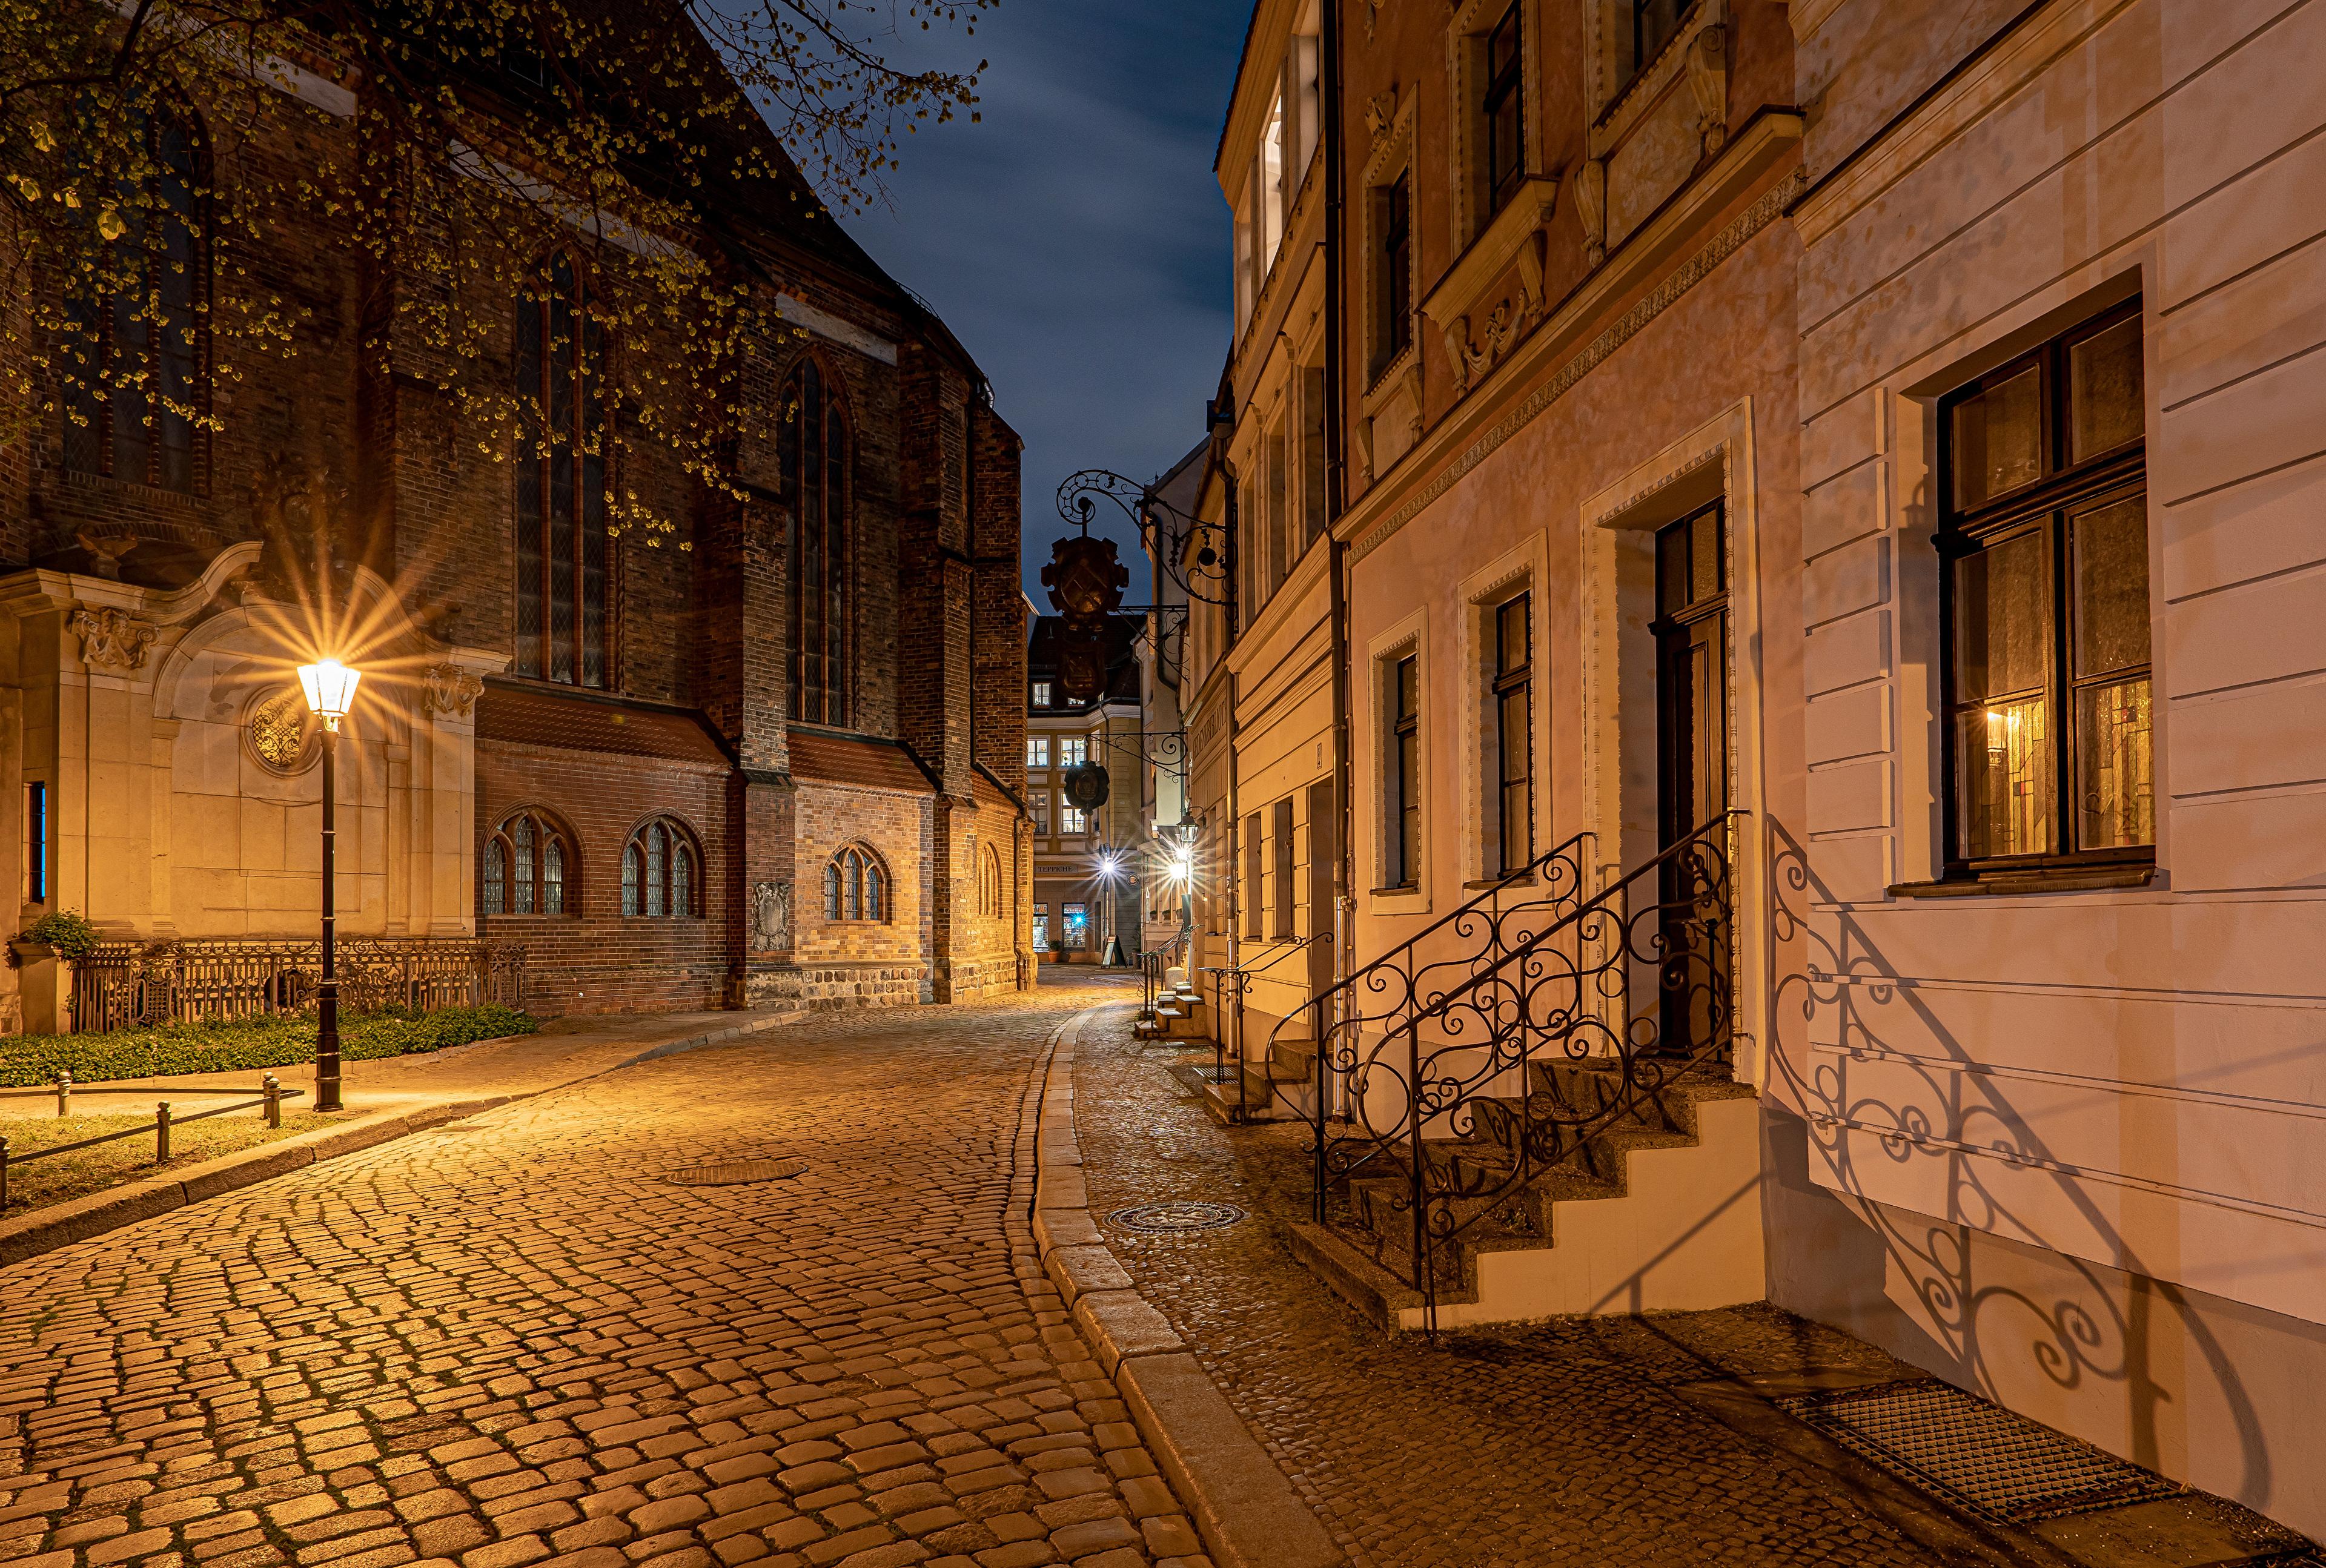 Картинка Берлин Германия Улица Уличные фонари Дома город улиц улице Здания Города